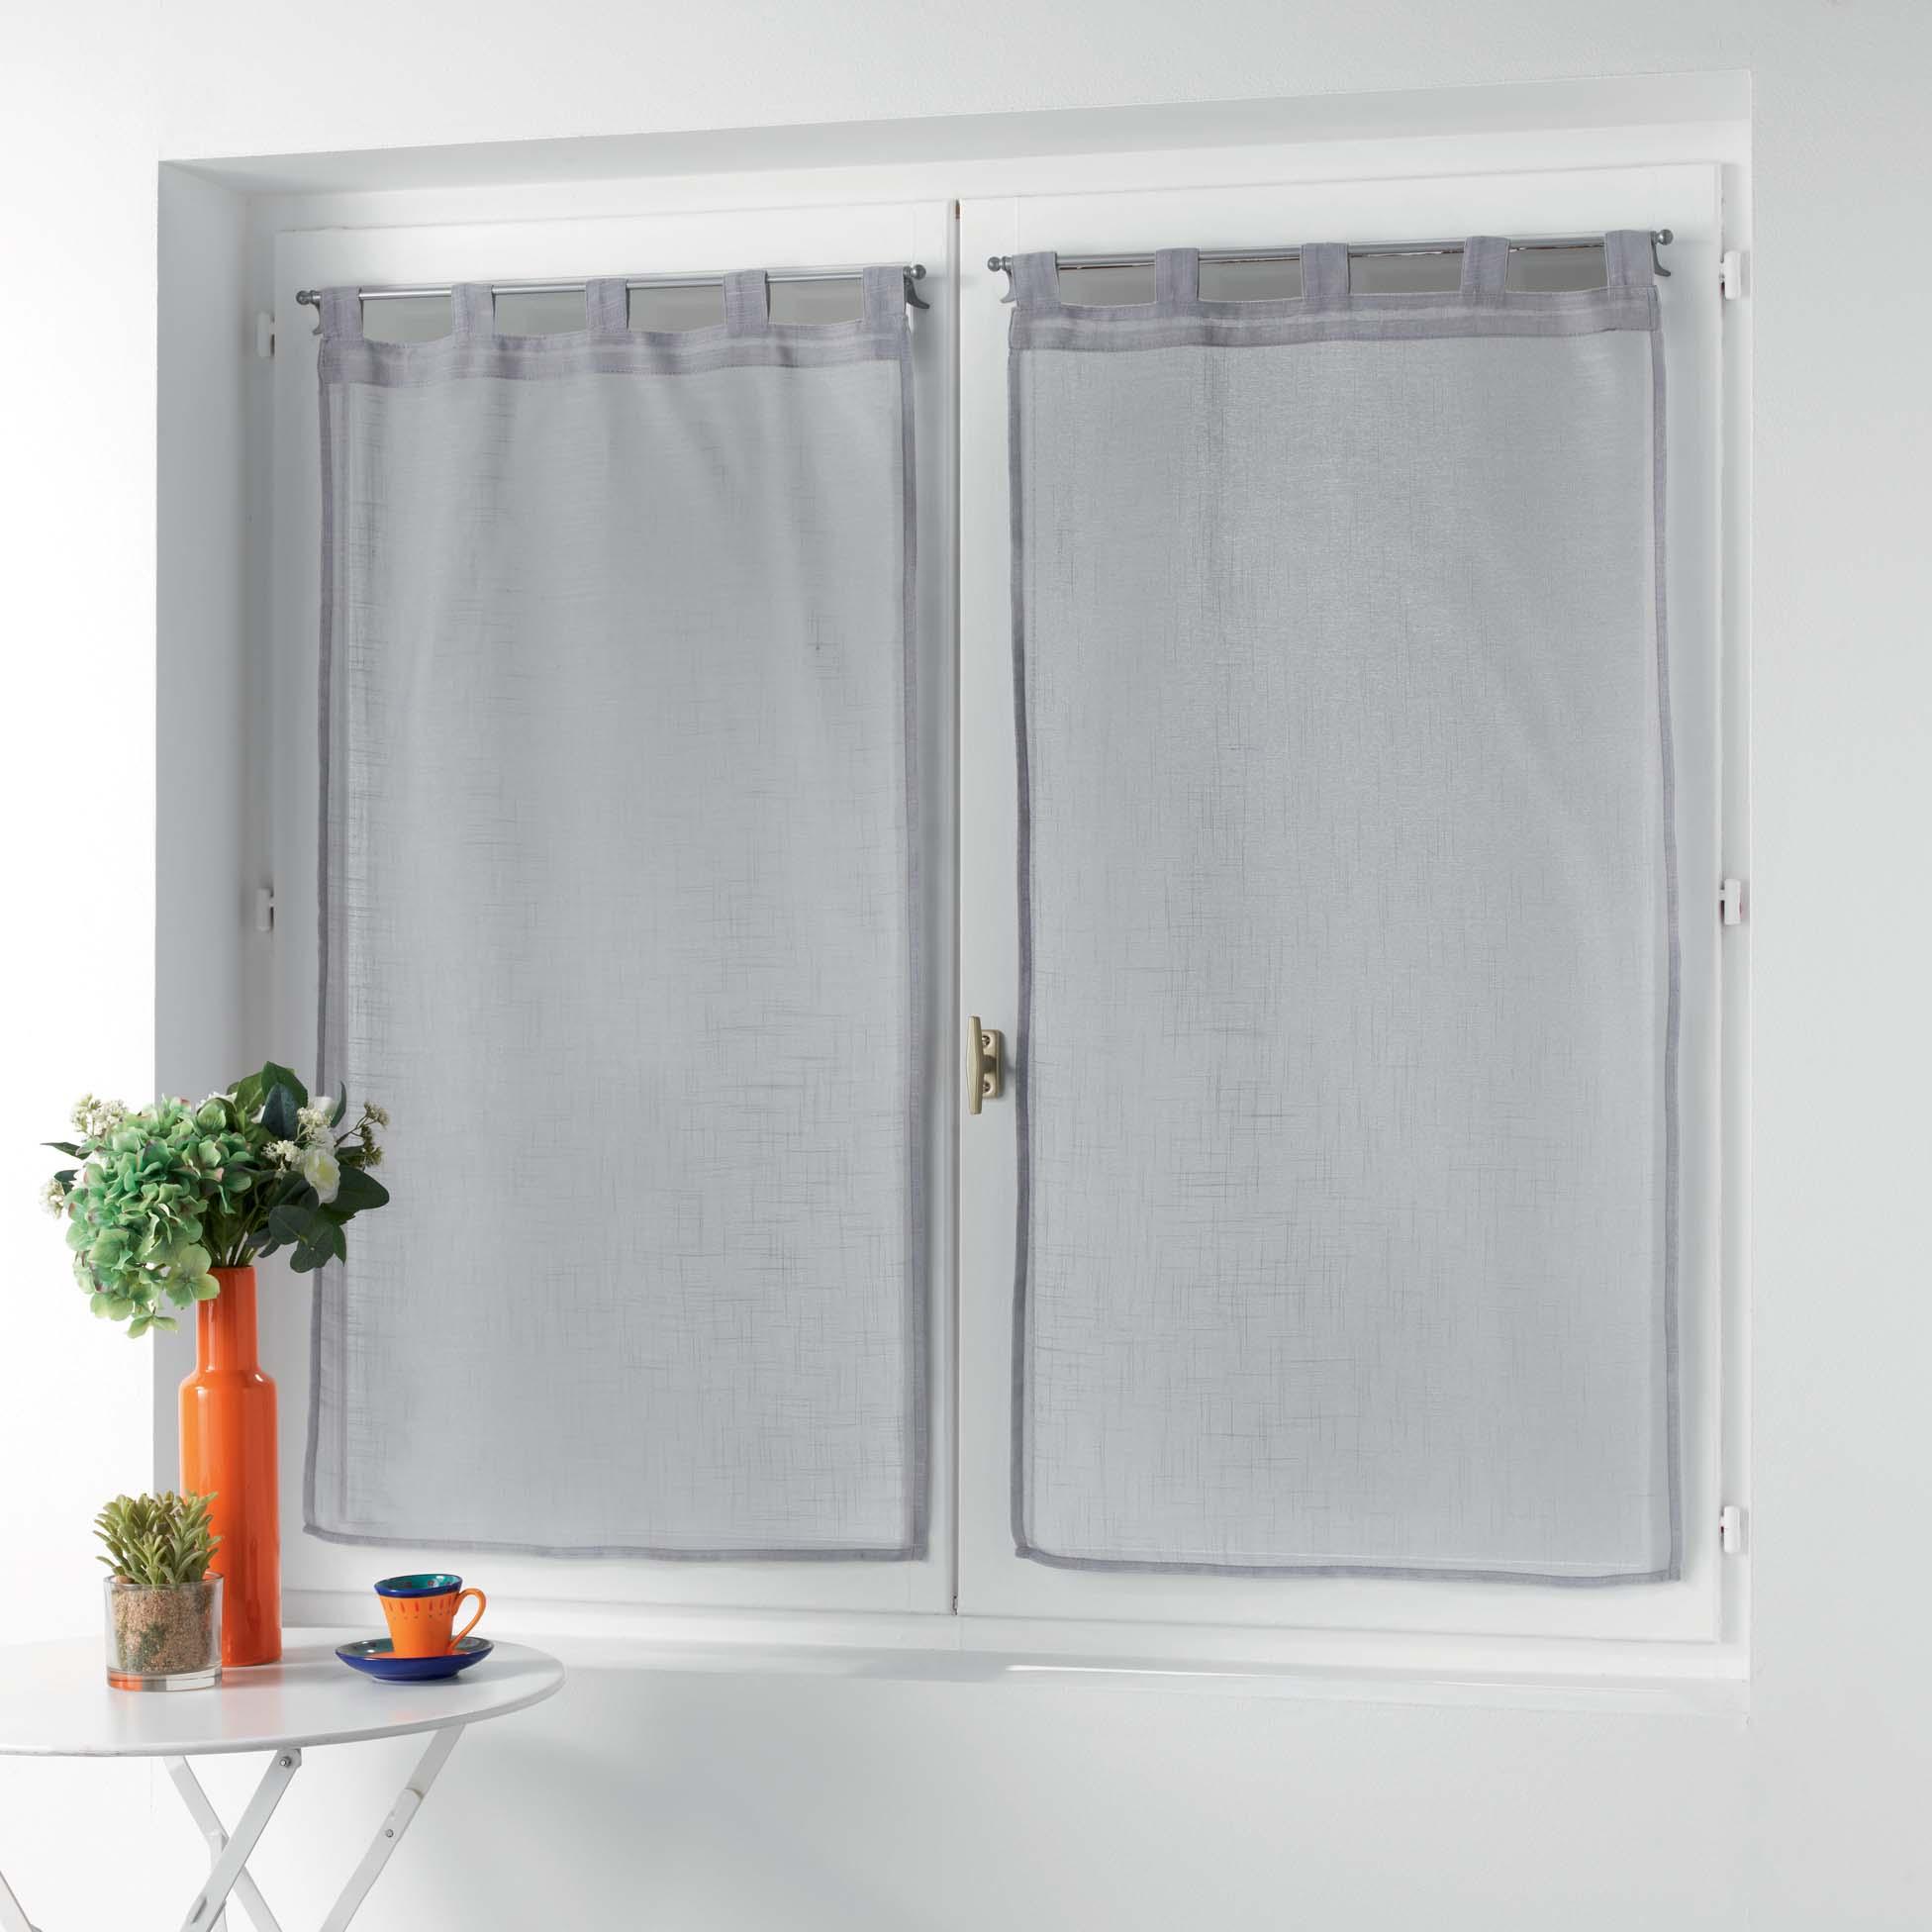 Petits vitrages droits à passants unis polyester gris 120x60